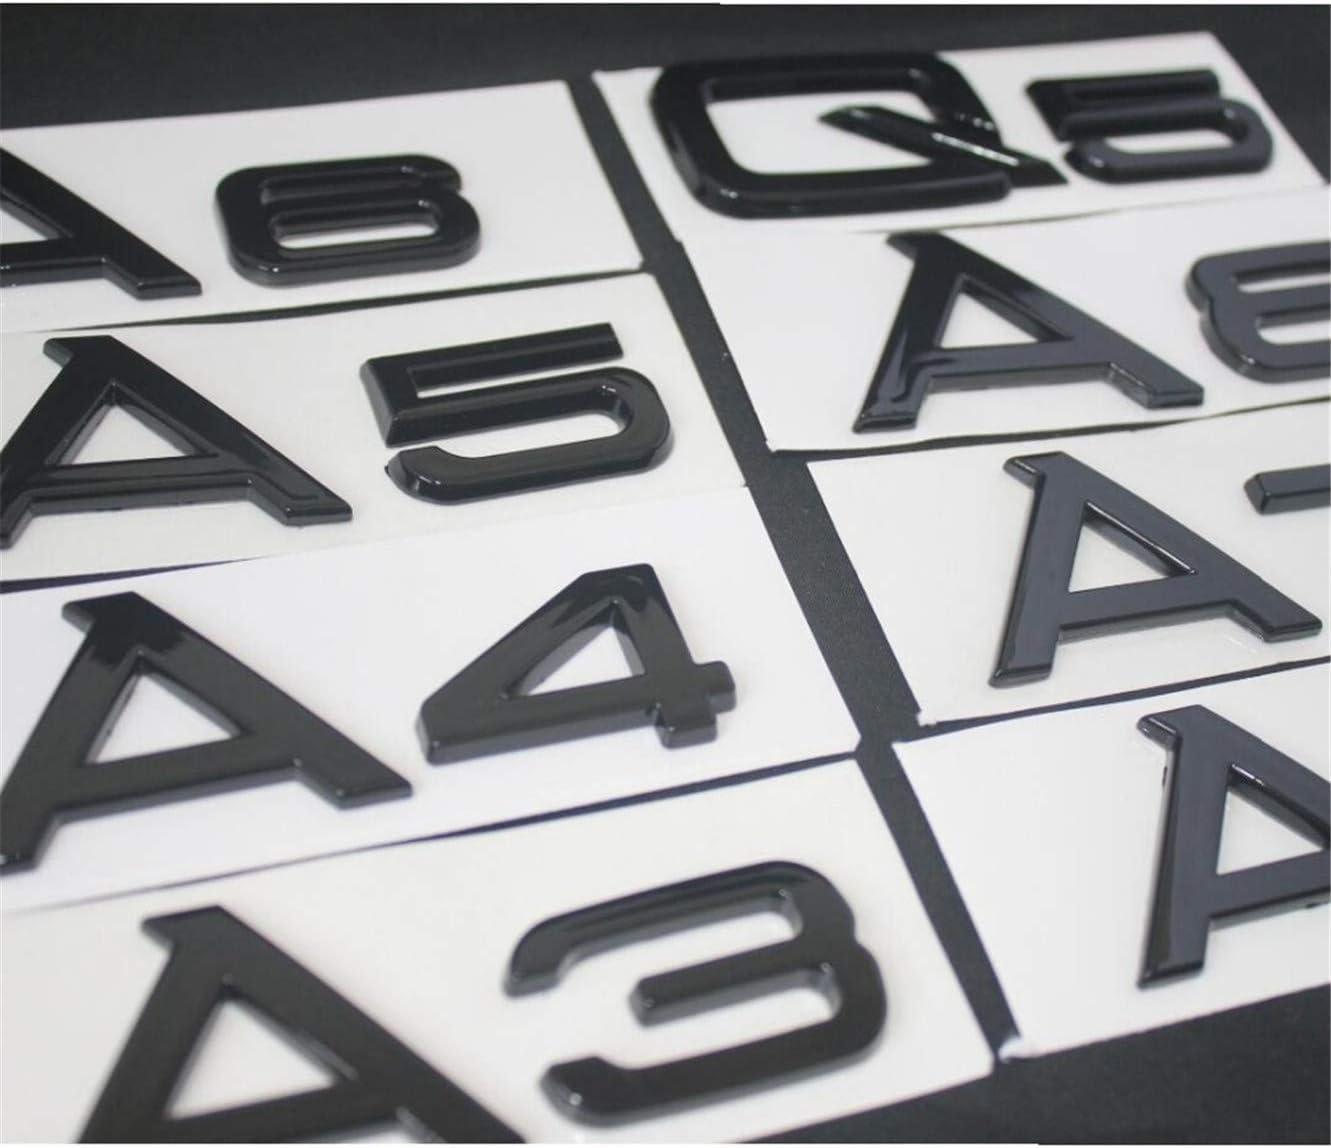 Q5 DGF HGF Brillant Noir Brillant Coffre Arri/ère Lettres Insigne Embl/èmes A3 A4 A5 A6 A7 A8 A4L A6L A8L Q3 Q5 Q7 35 40 45 50 55 TFSI